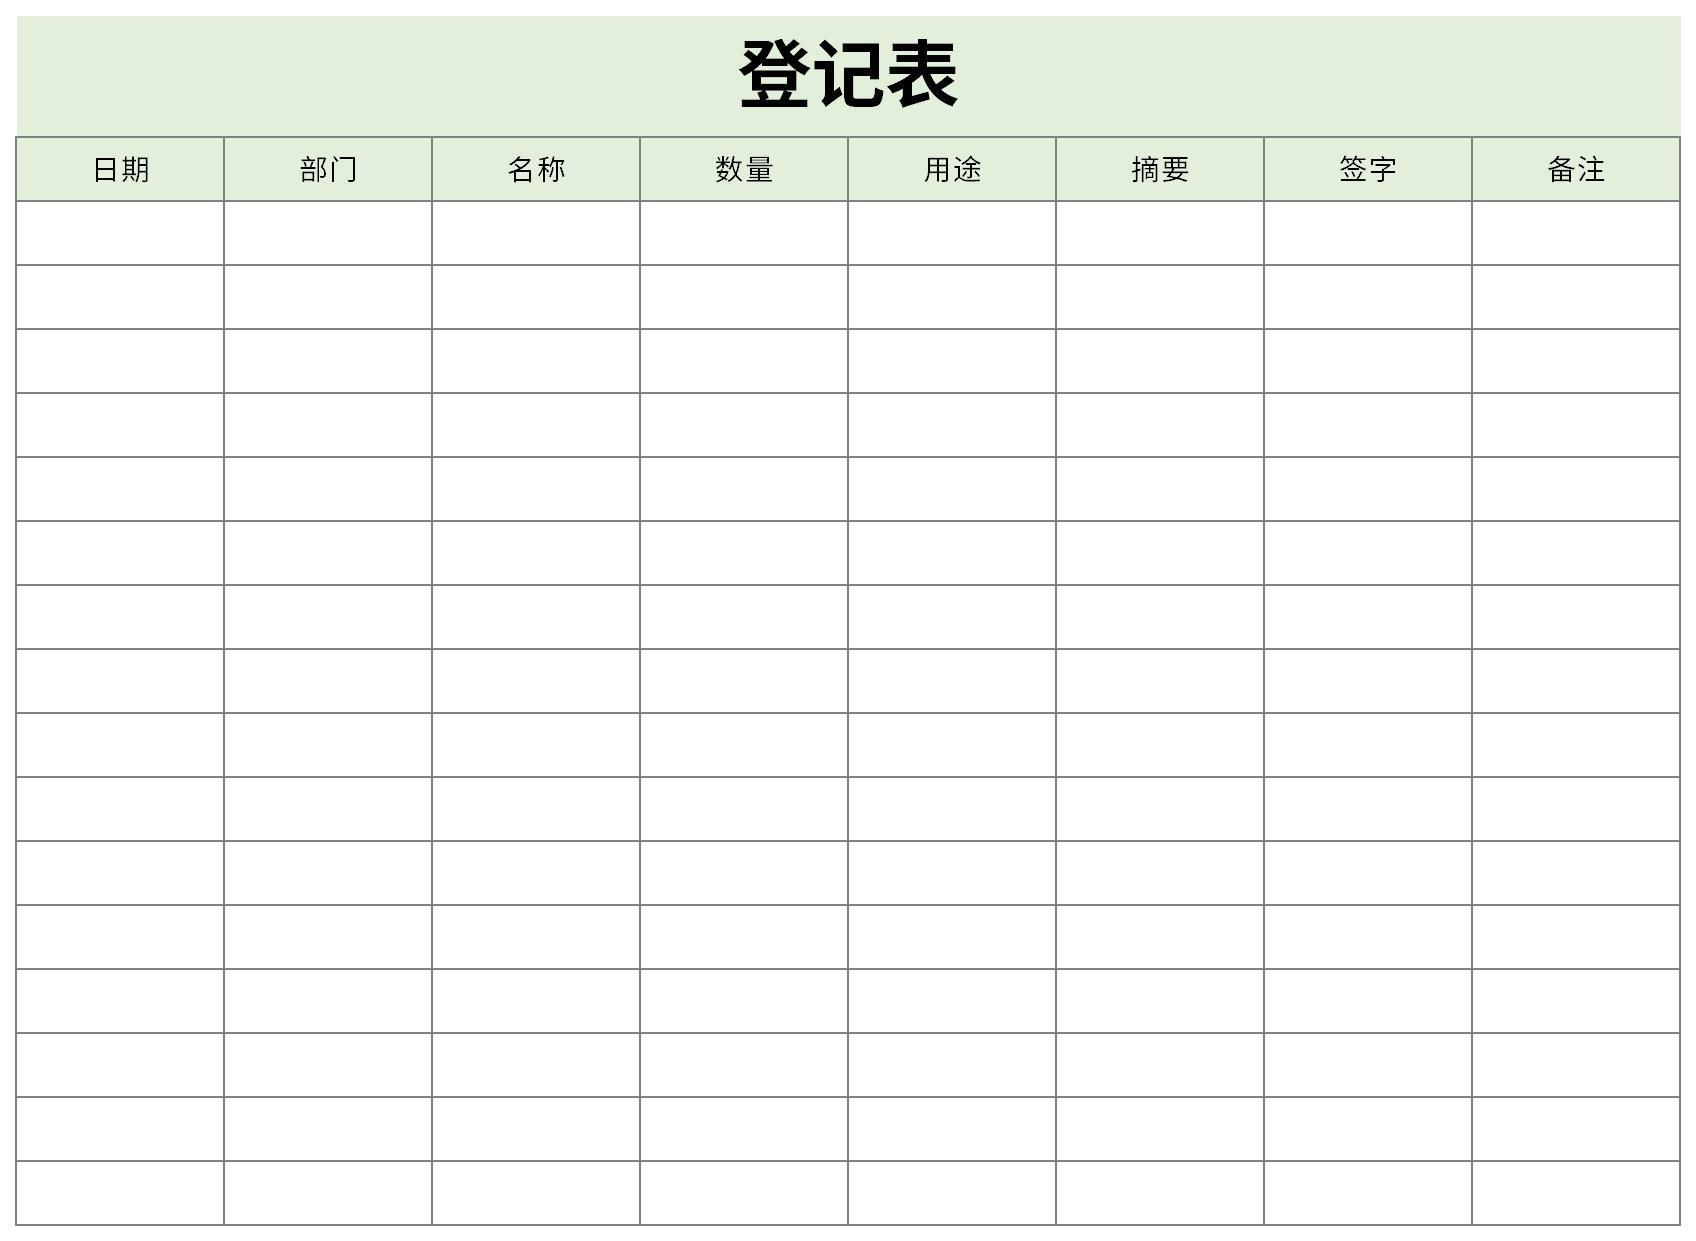 登记表模板截图